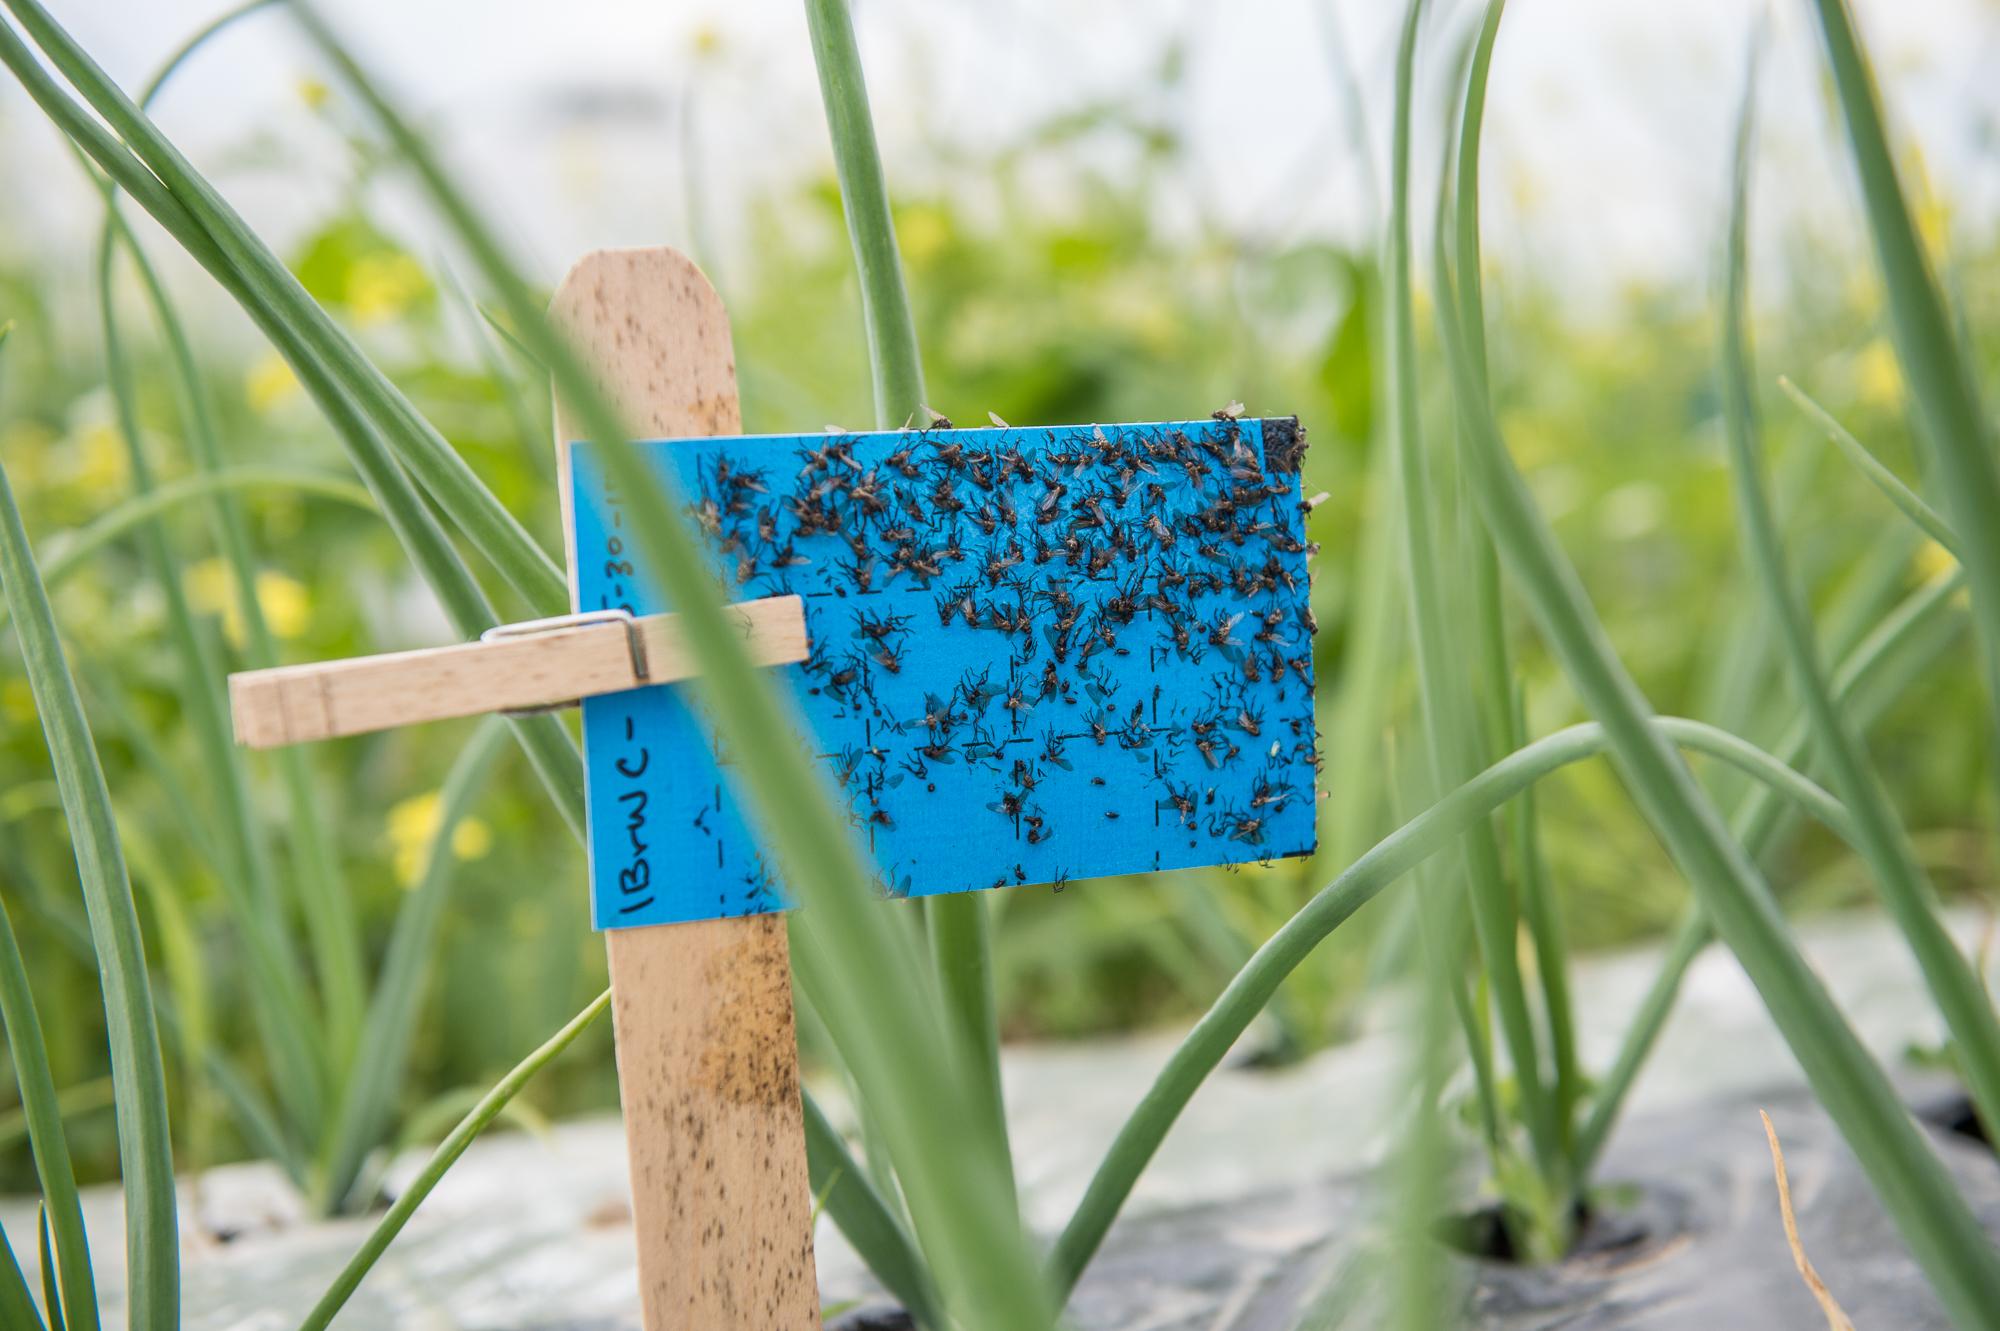 sticky card traps pests